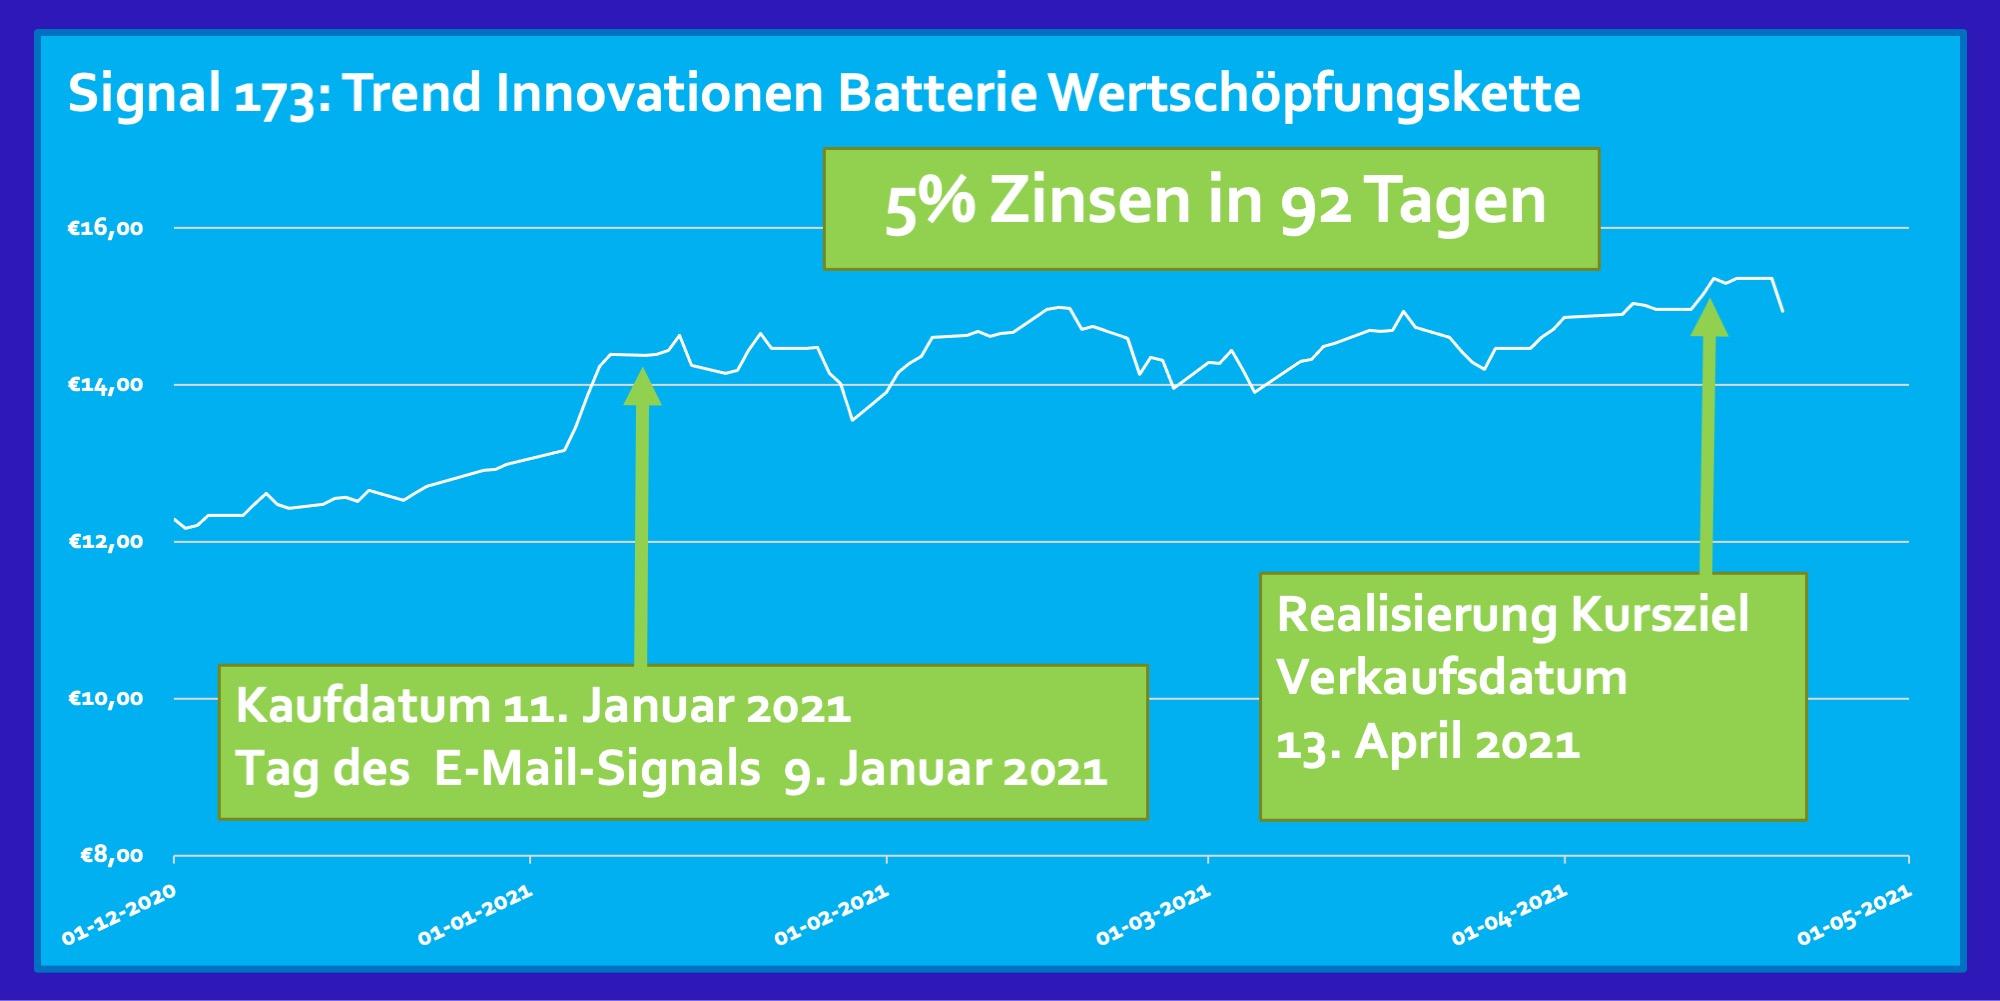 Trend Januar 2021 ETF Innovationen Batterie Wertschöpfungskette 5 Prozent Zinsen Rendite in 92 Tagen